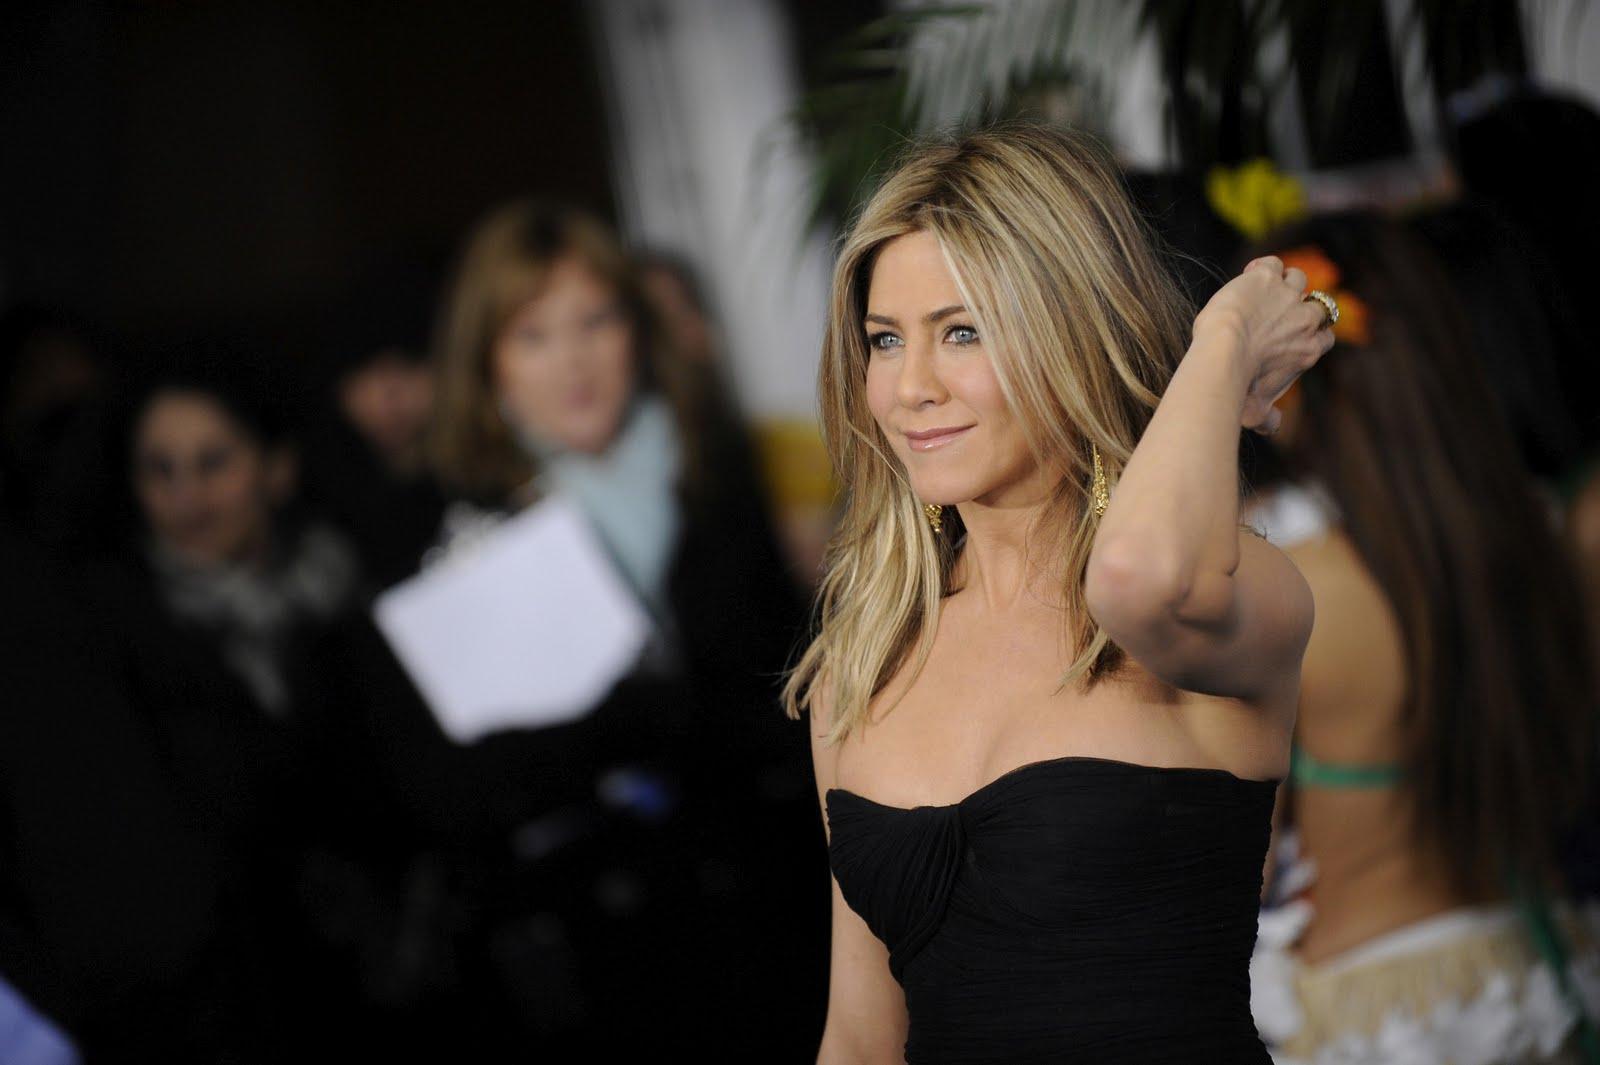 http://3.bp.blogspot.com/-8UHTla5q004/Tn4k4aMpOLI/AAAAAAAAHHA/Ch-BObPWCIM/s1600/Jennifer-Aniston-11.jpg